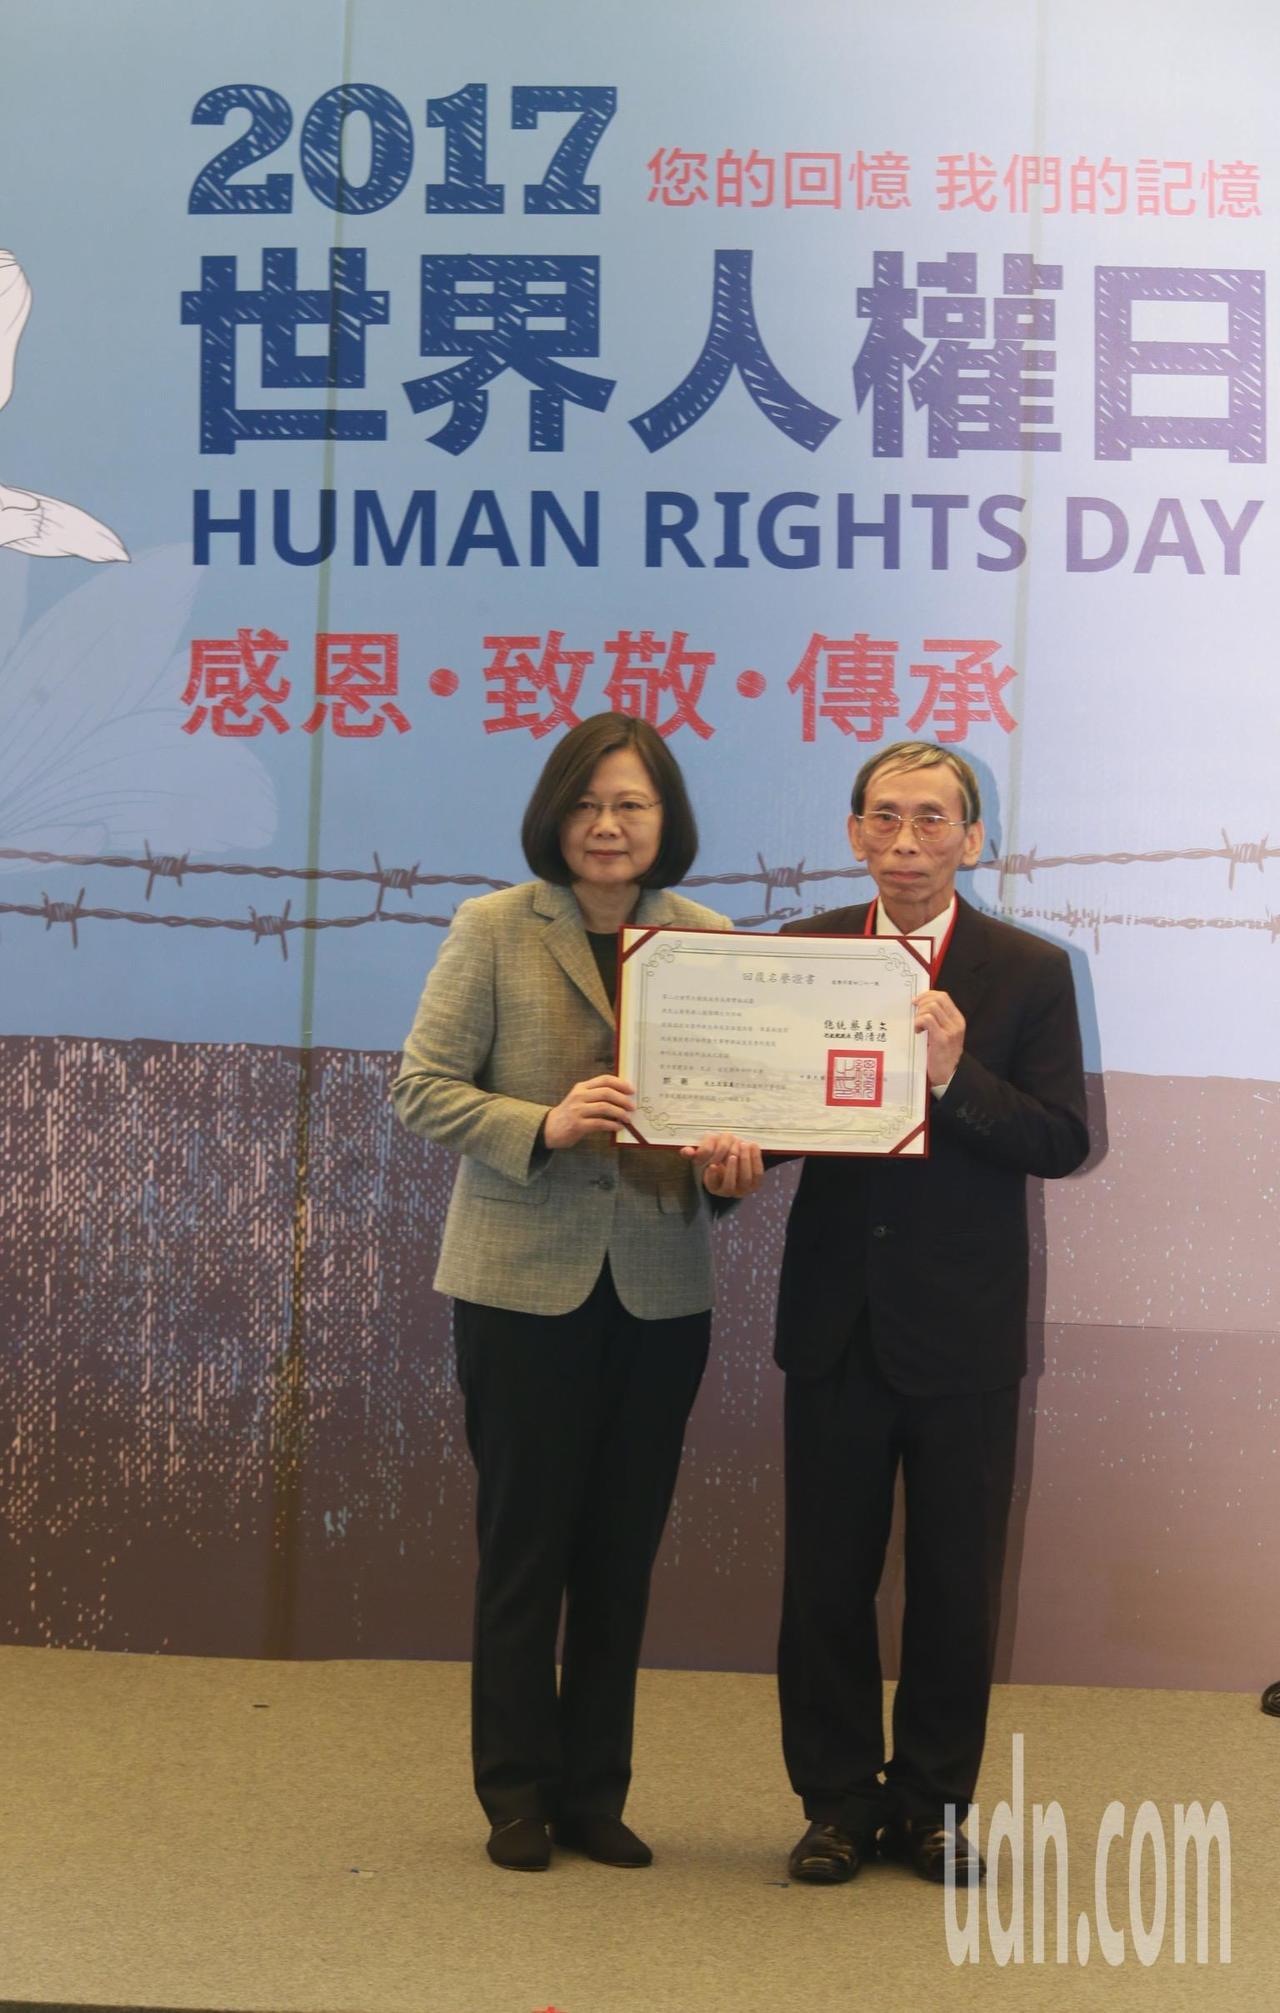 蔡英文總統上午出席「2017世界人權日」紀念活動,並頒發捐贈文物感謝狀及回復名譽...